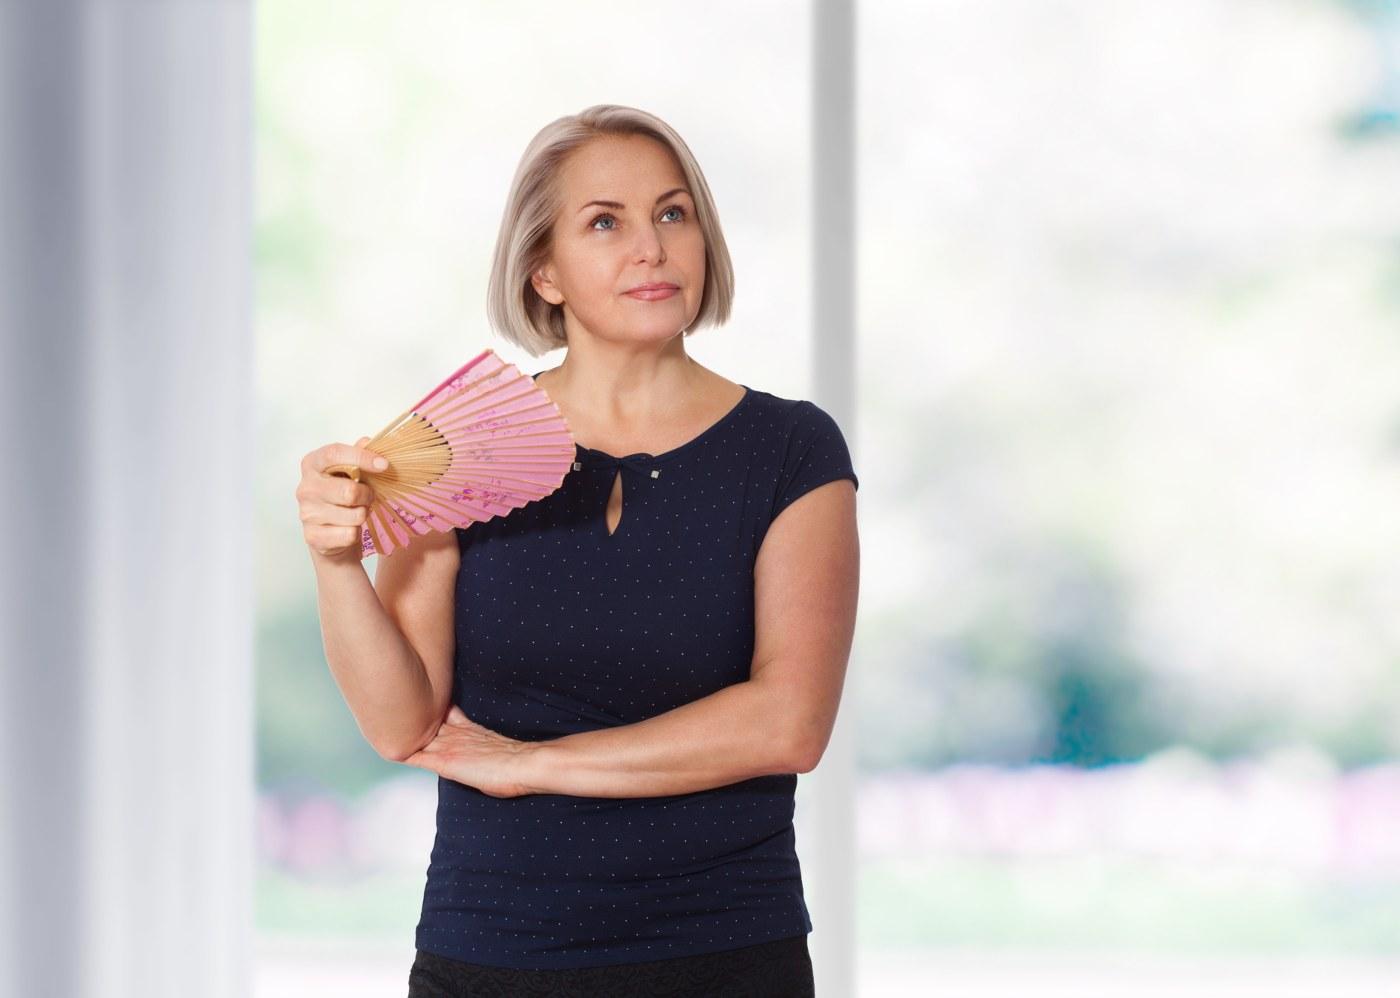 Mulher com leque e na menopausa